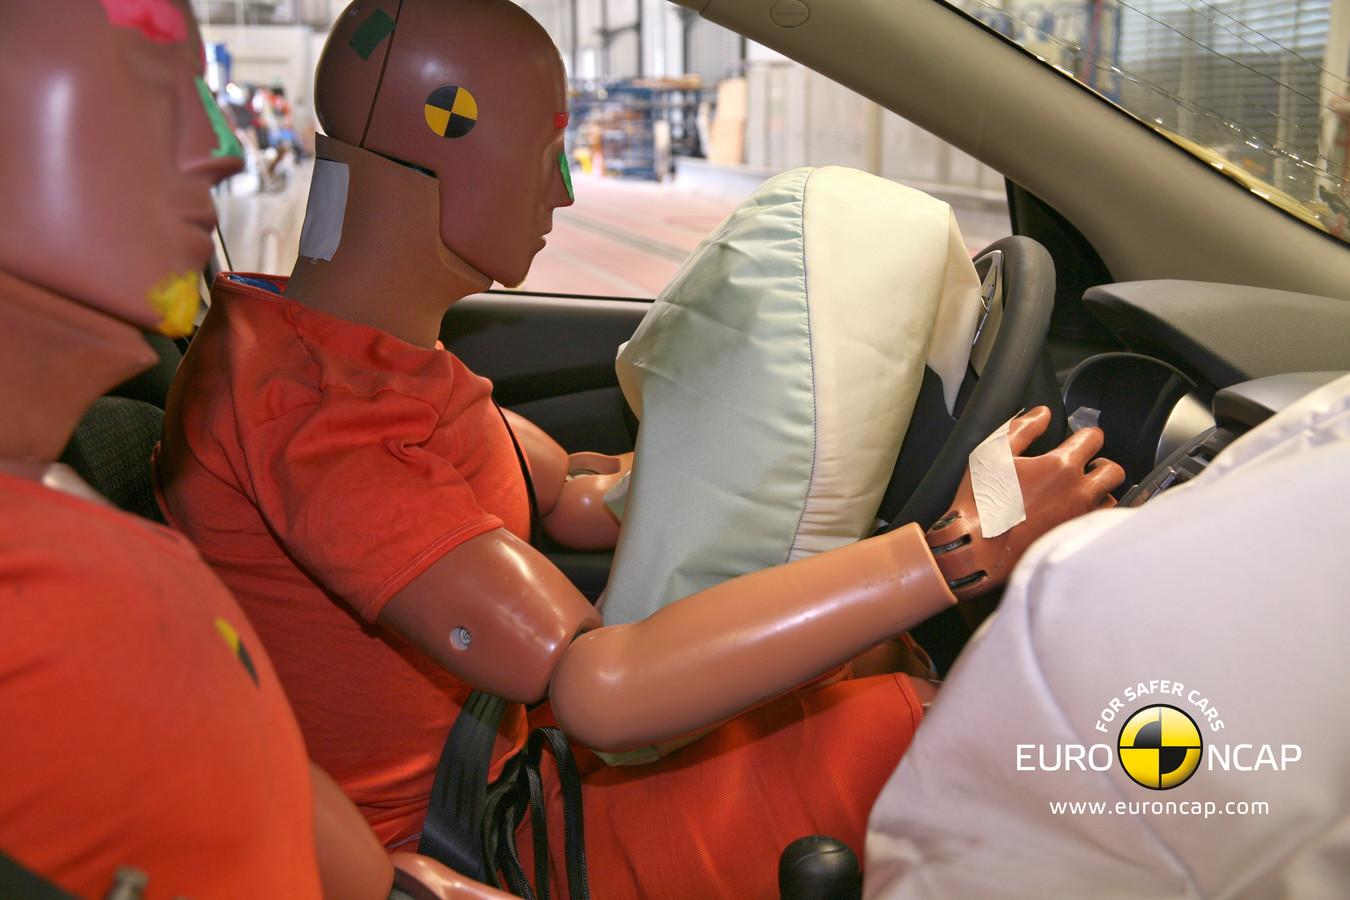 Bij een crashtest wordt gekeken hoe veilig een auto is voor de inzittenden en omgeving.